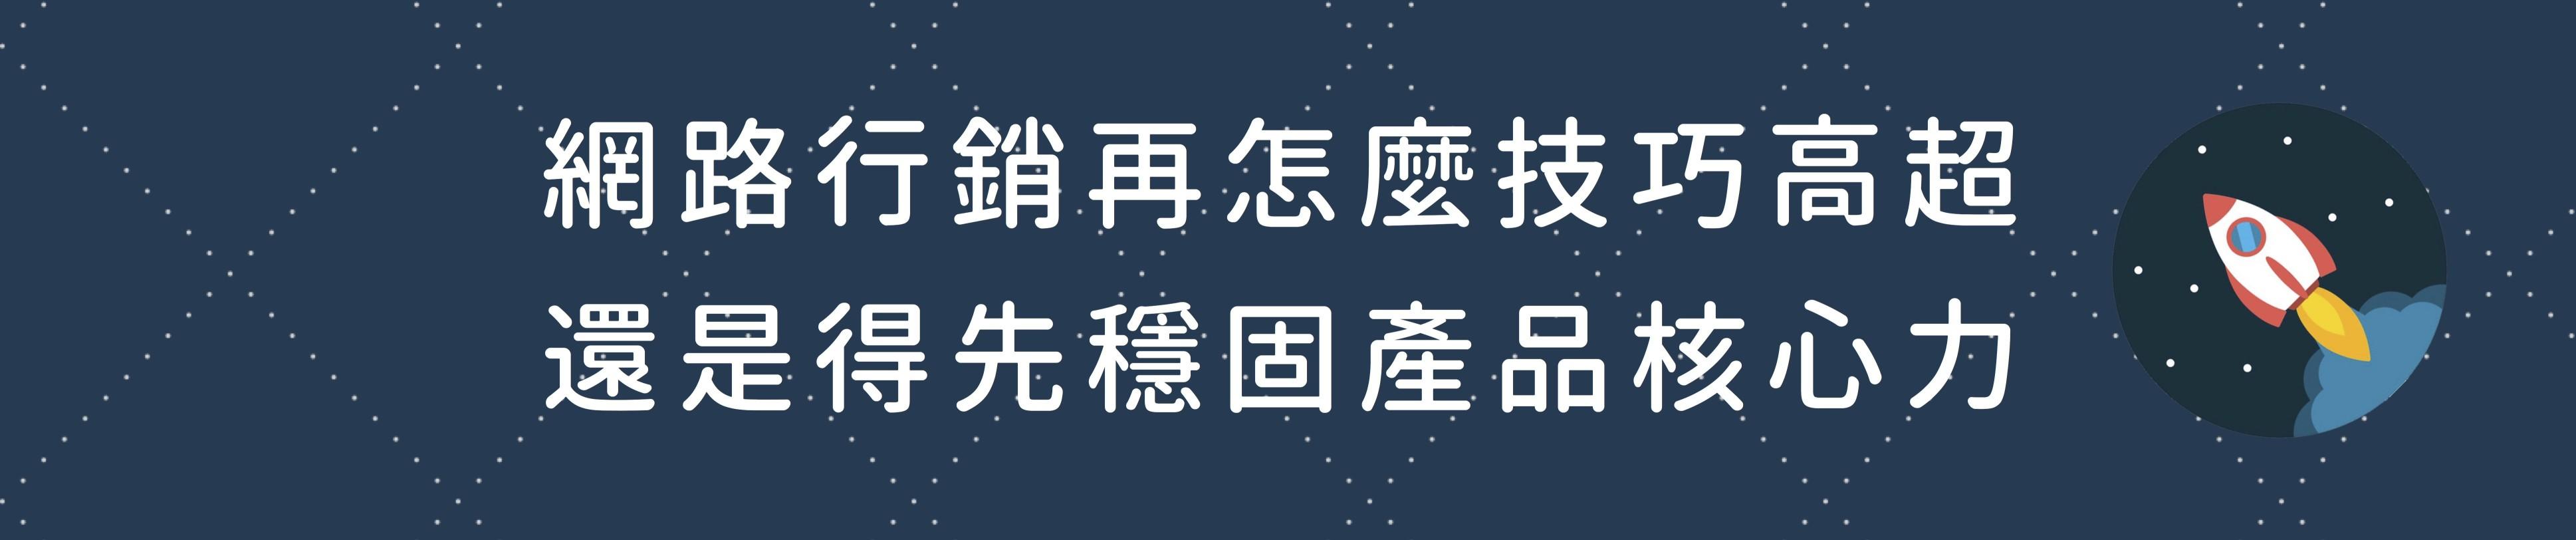 鯊客台中場課程-品牌網路行銷推進器2